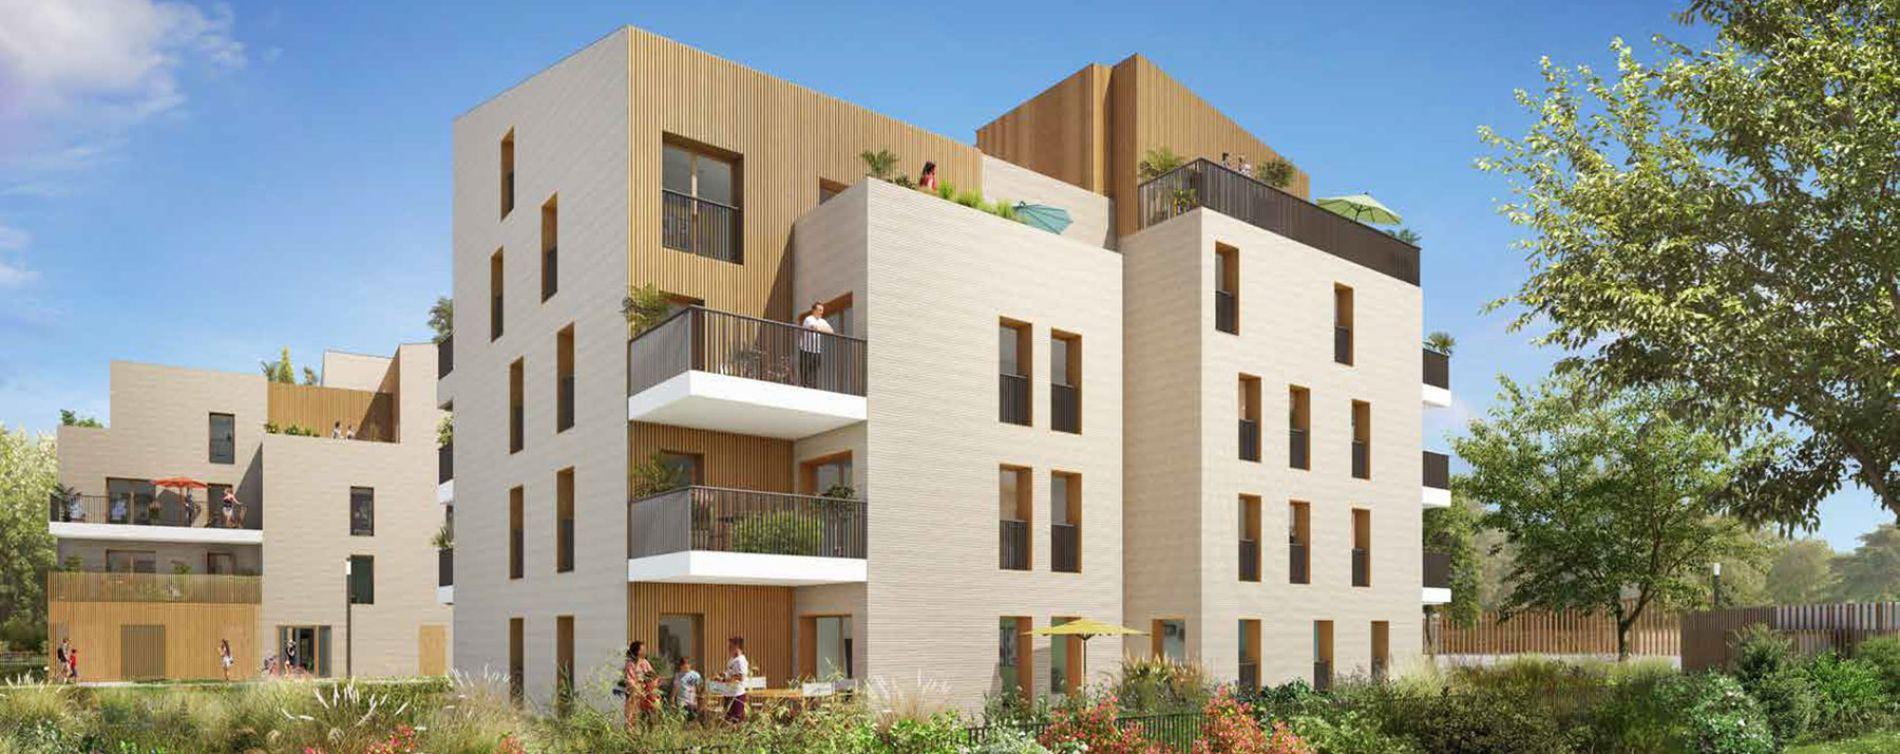 Le Vésinet : programme immobilier neuve « L'Accord Parfait » (4)